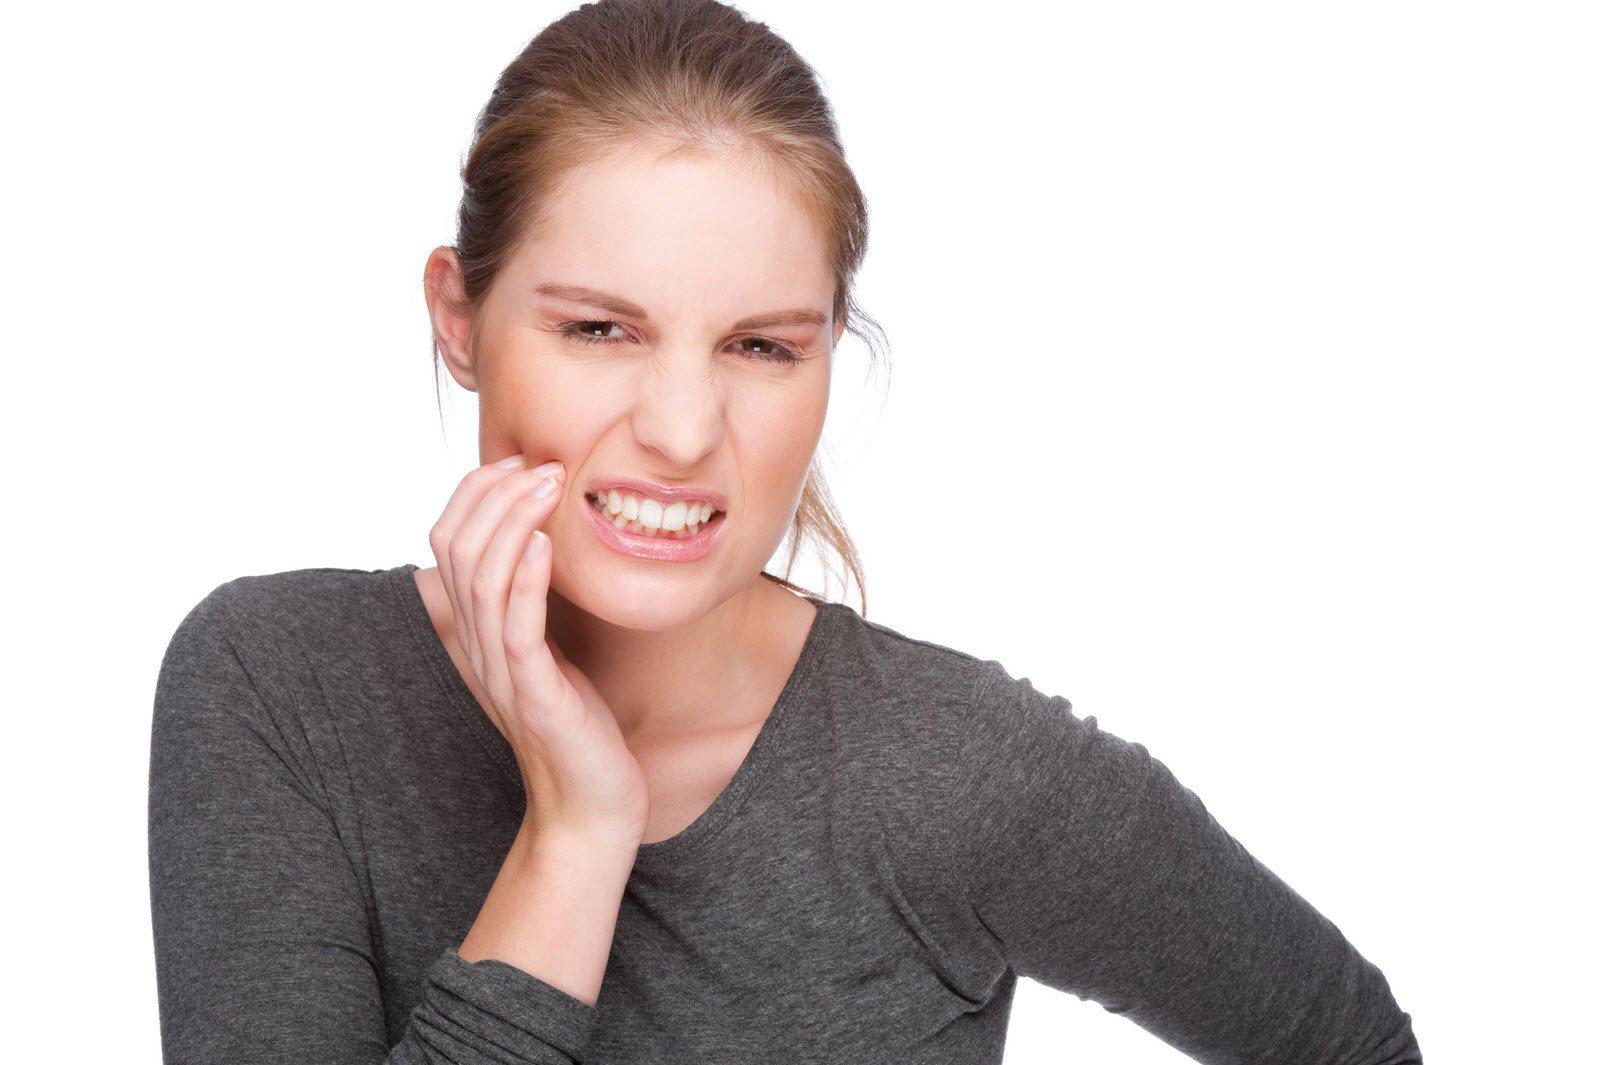 Сильно болит зуб, что делать? Советы газеты Вестник ЗОЖ